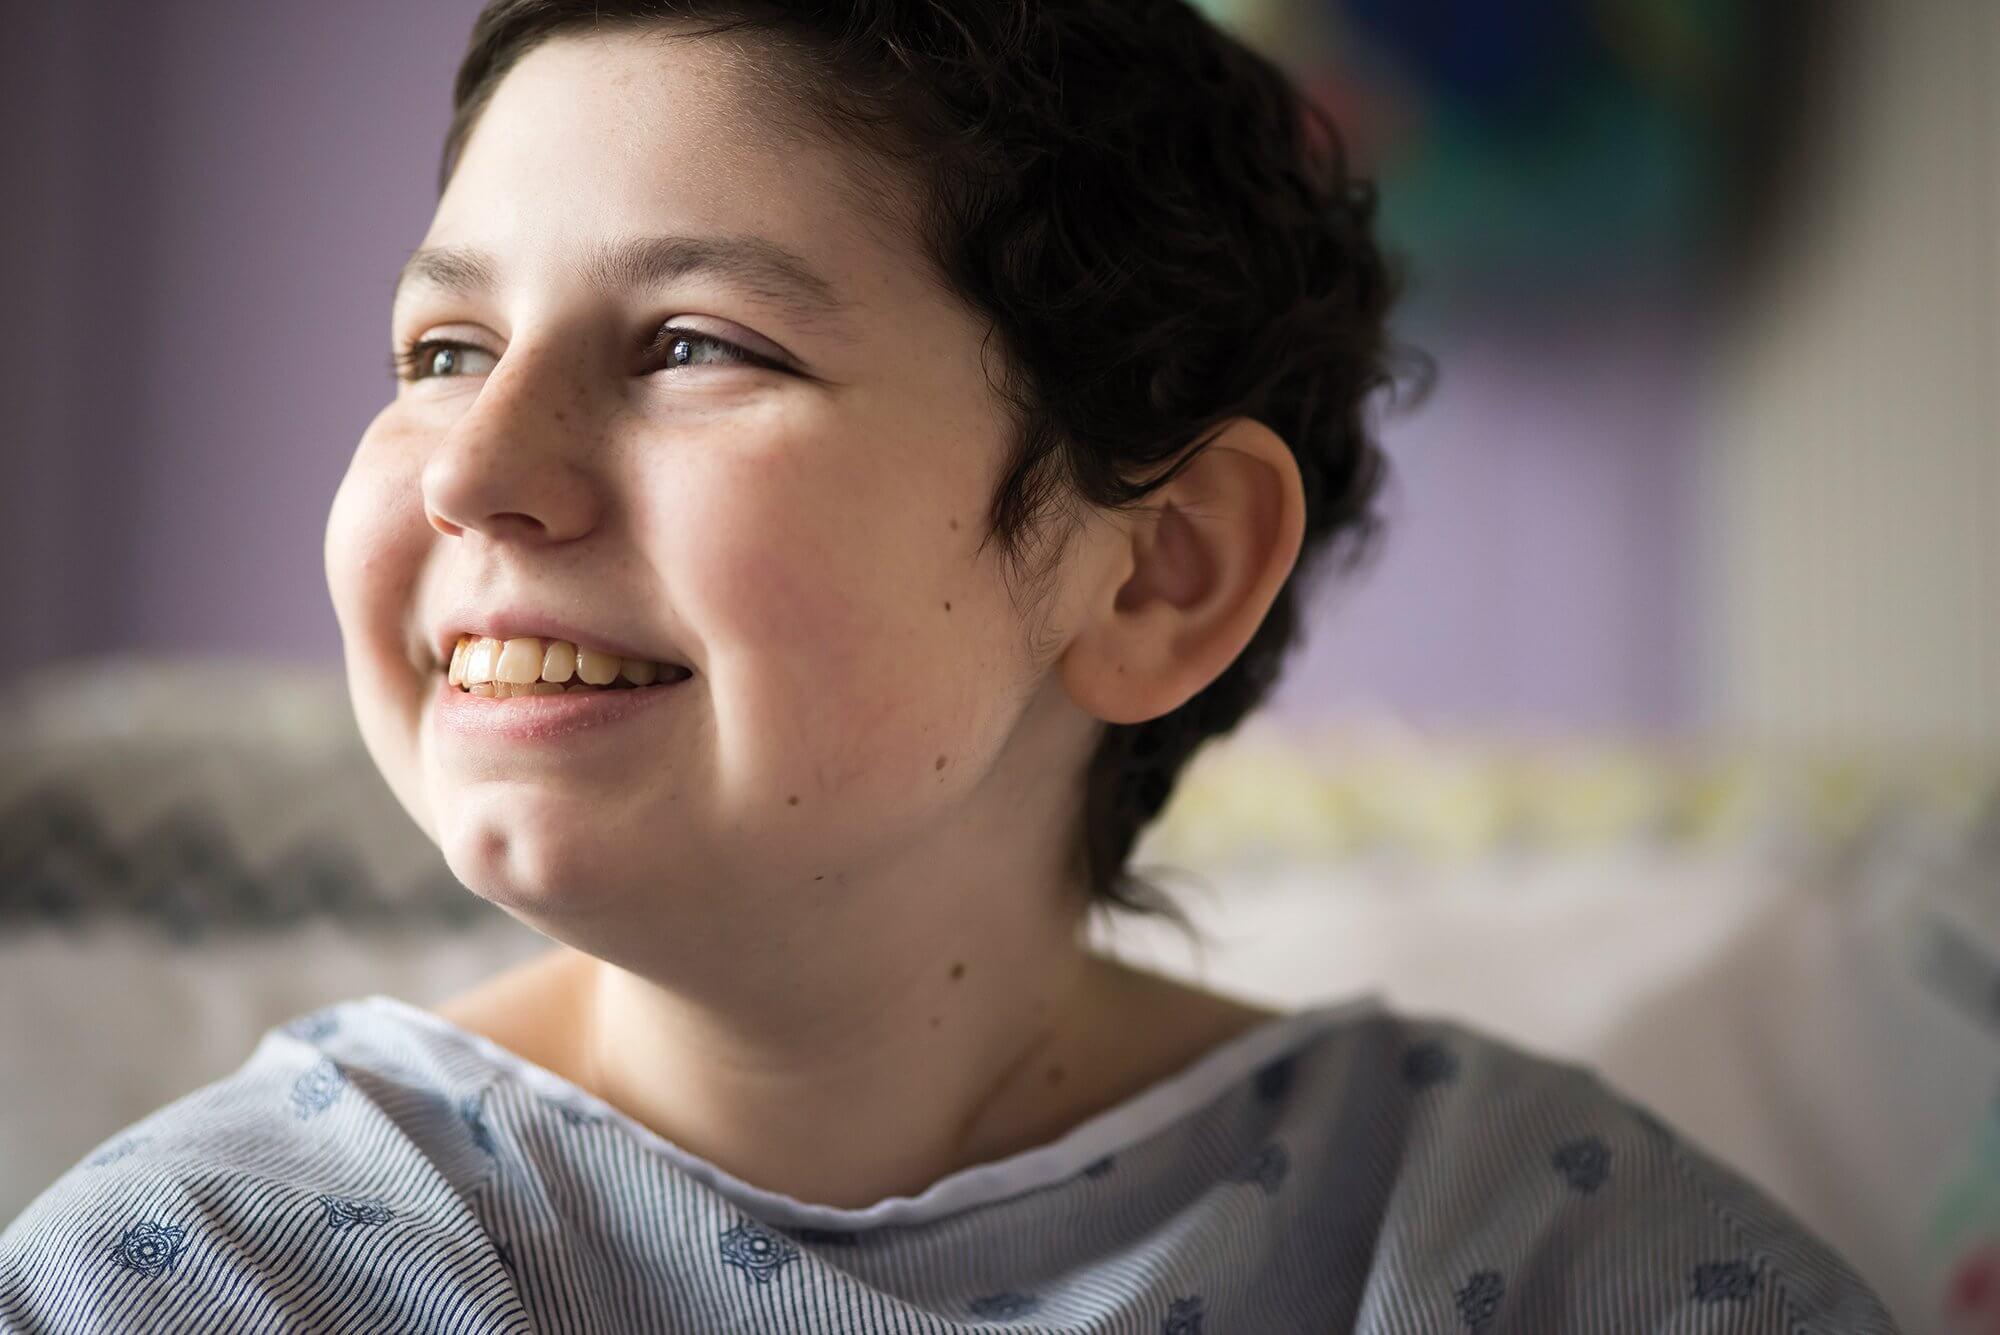 Paige Lejeune. Credit: Texas Children's Hospital